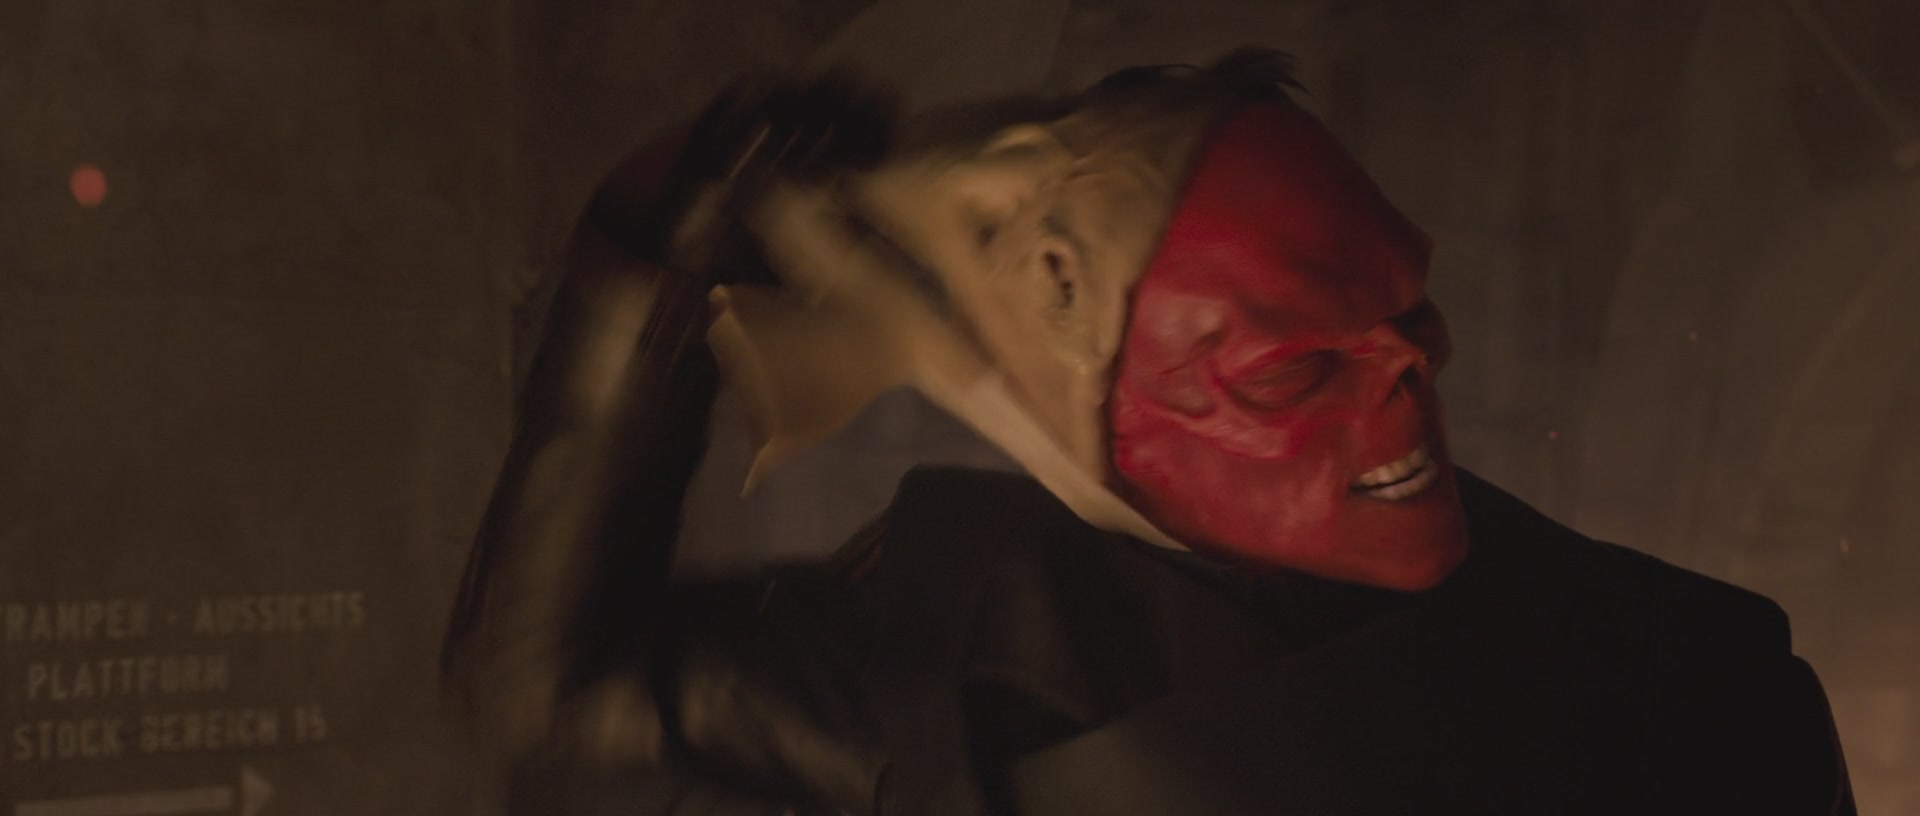 File:Captain-america-trailer-red-skull-face.jpg